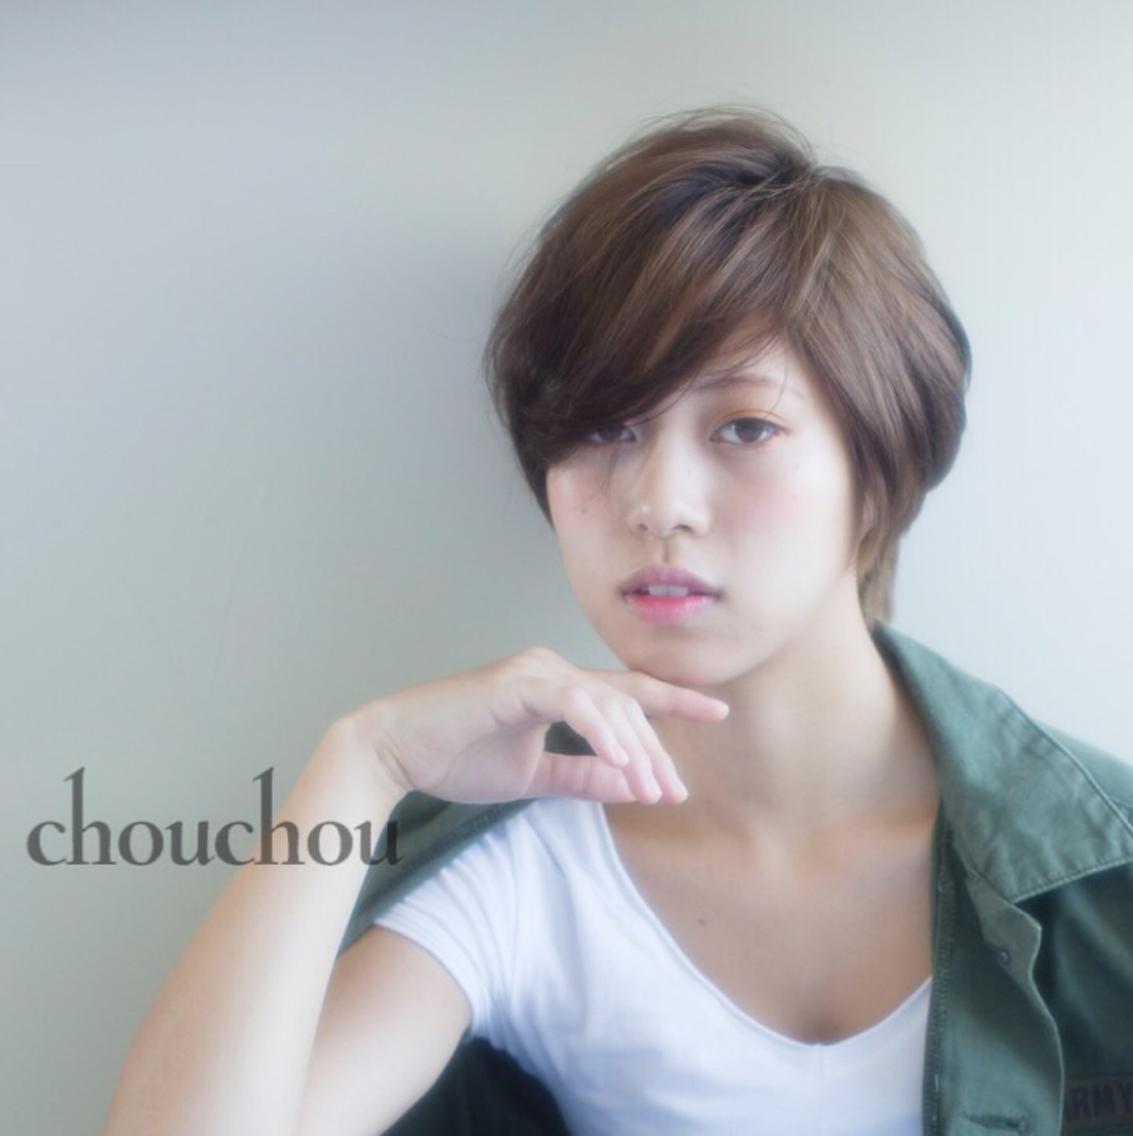 (心斎橋)chouchou☆カラーモデル募集☆